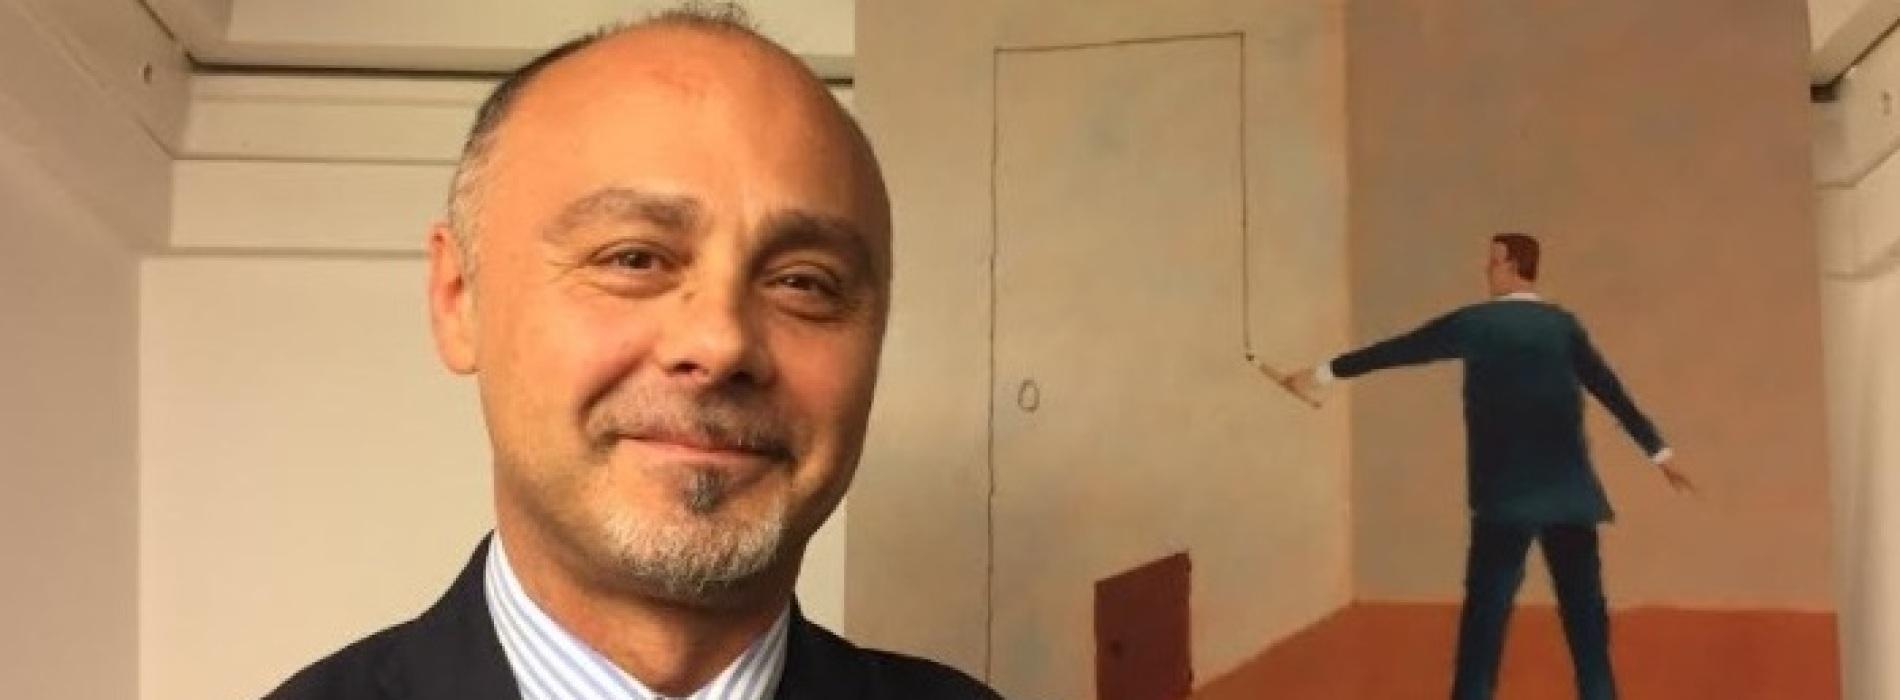 Ingiunzioni fiscali, Castelvolturno dice sì alla rottamazione